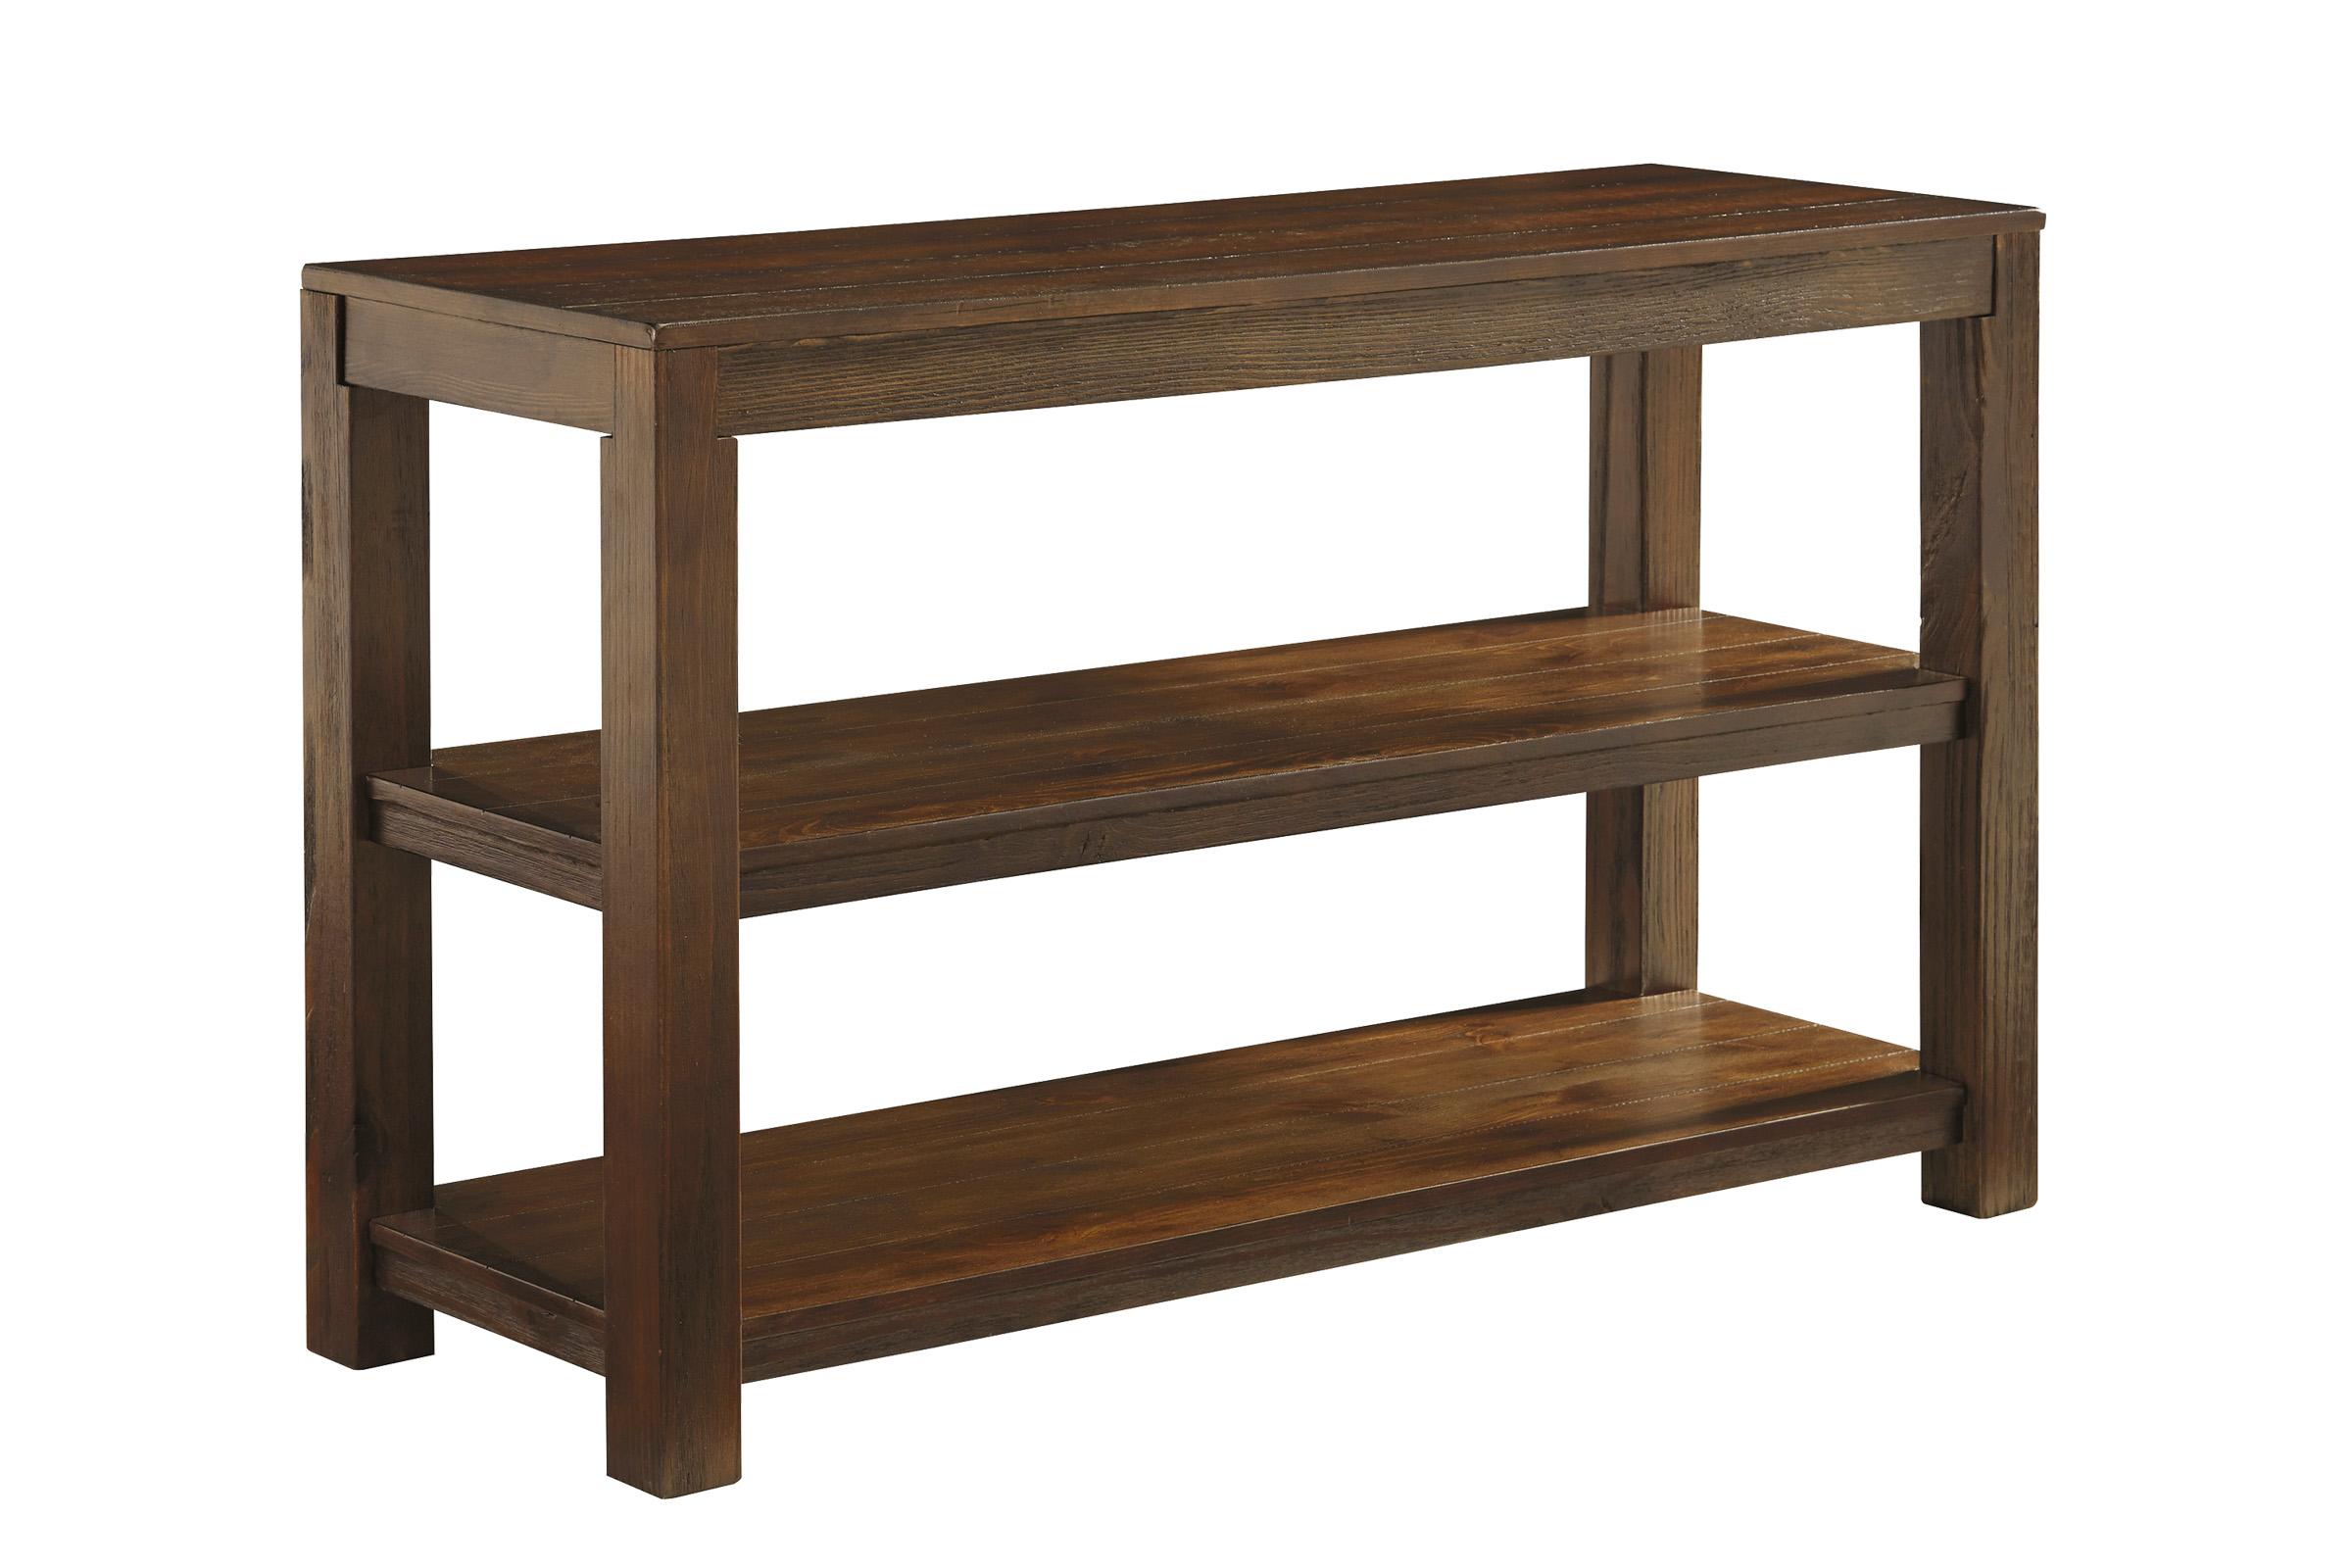 Grinlyn Sofa Table by Ashley